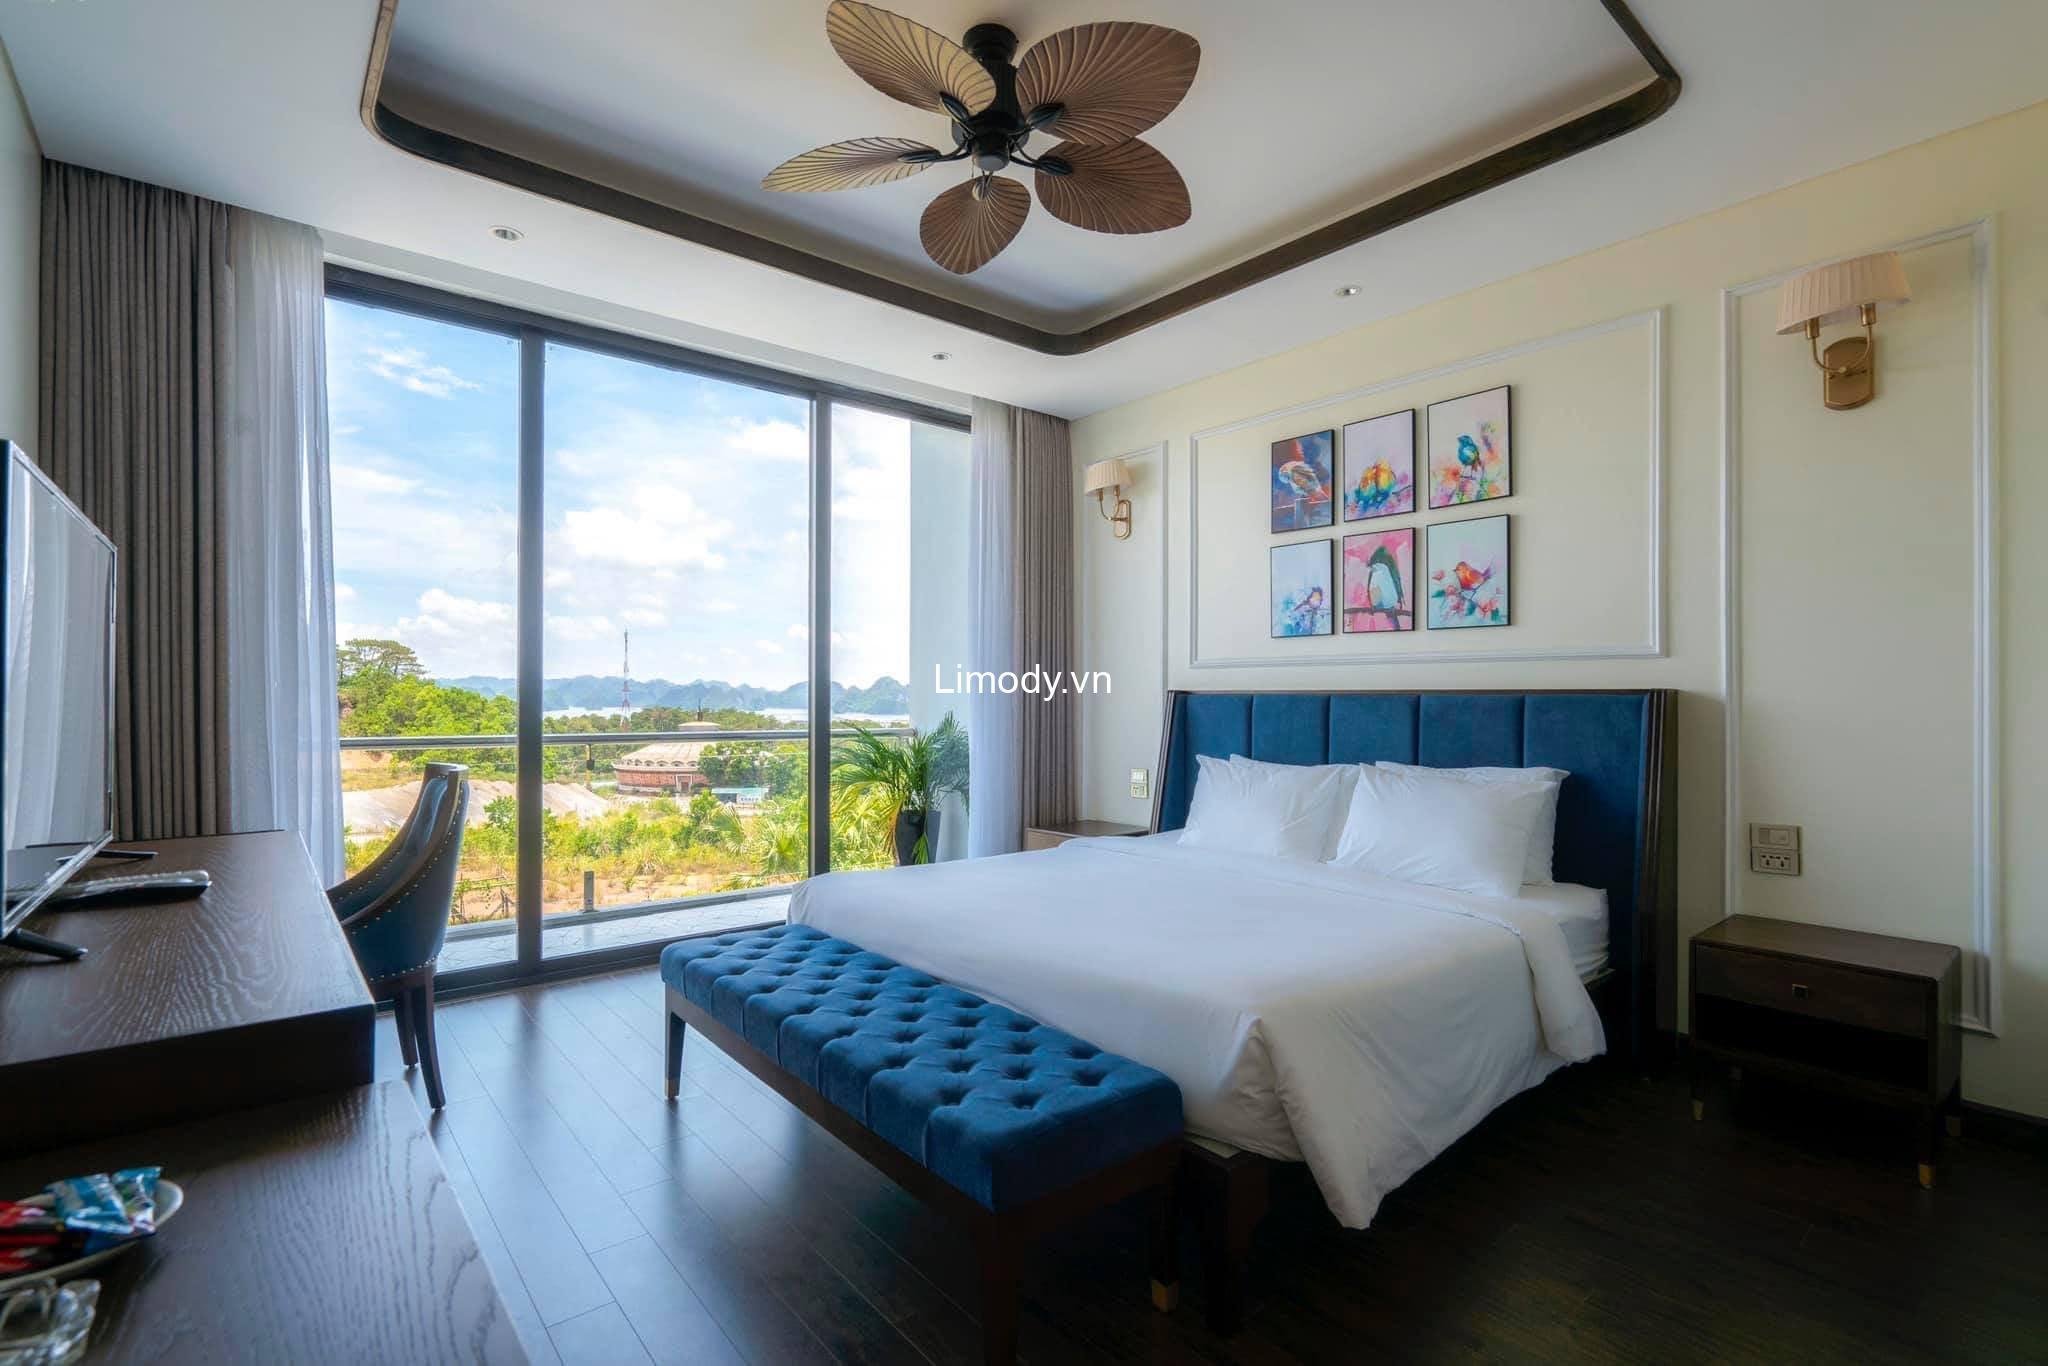 Top 15 Biệt thự villa Hạ Long giá rẻ đẹp gần biển cho thuê nguyên căn